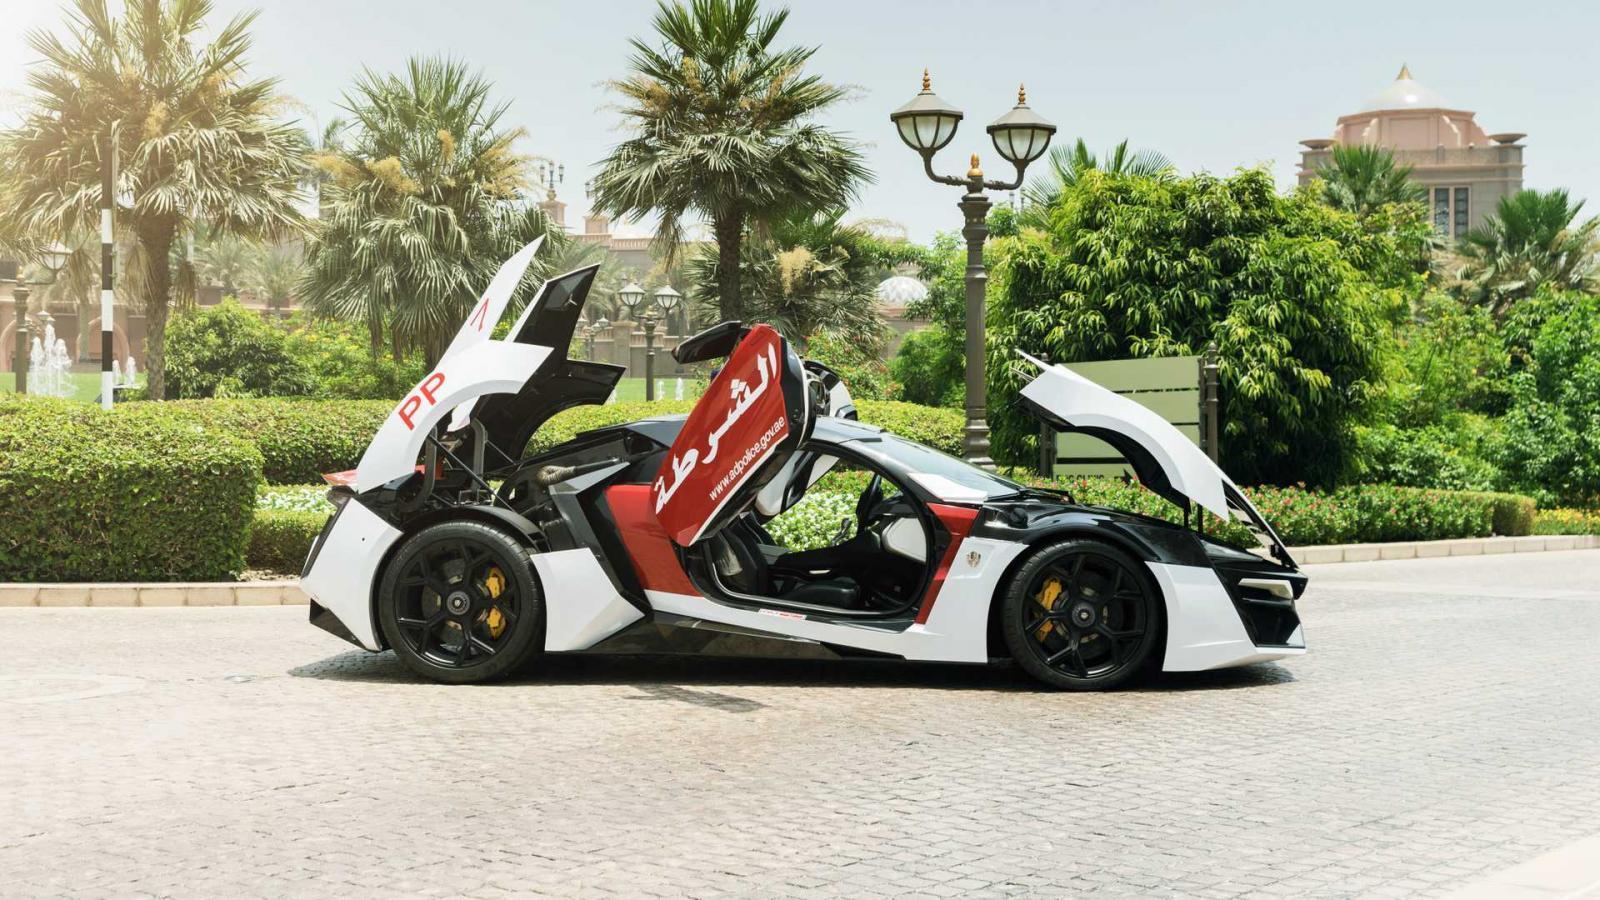 Xe có động cơ 6 xi-lanh đôi 3,7 lít. Có thể tăng tốc từ 0-99km/h chỉ trong 2,8 giây và tốc độ tối đa đạt tới gần 390 km/h